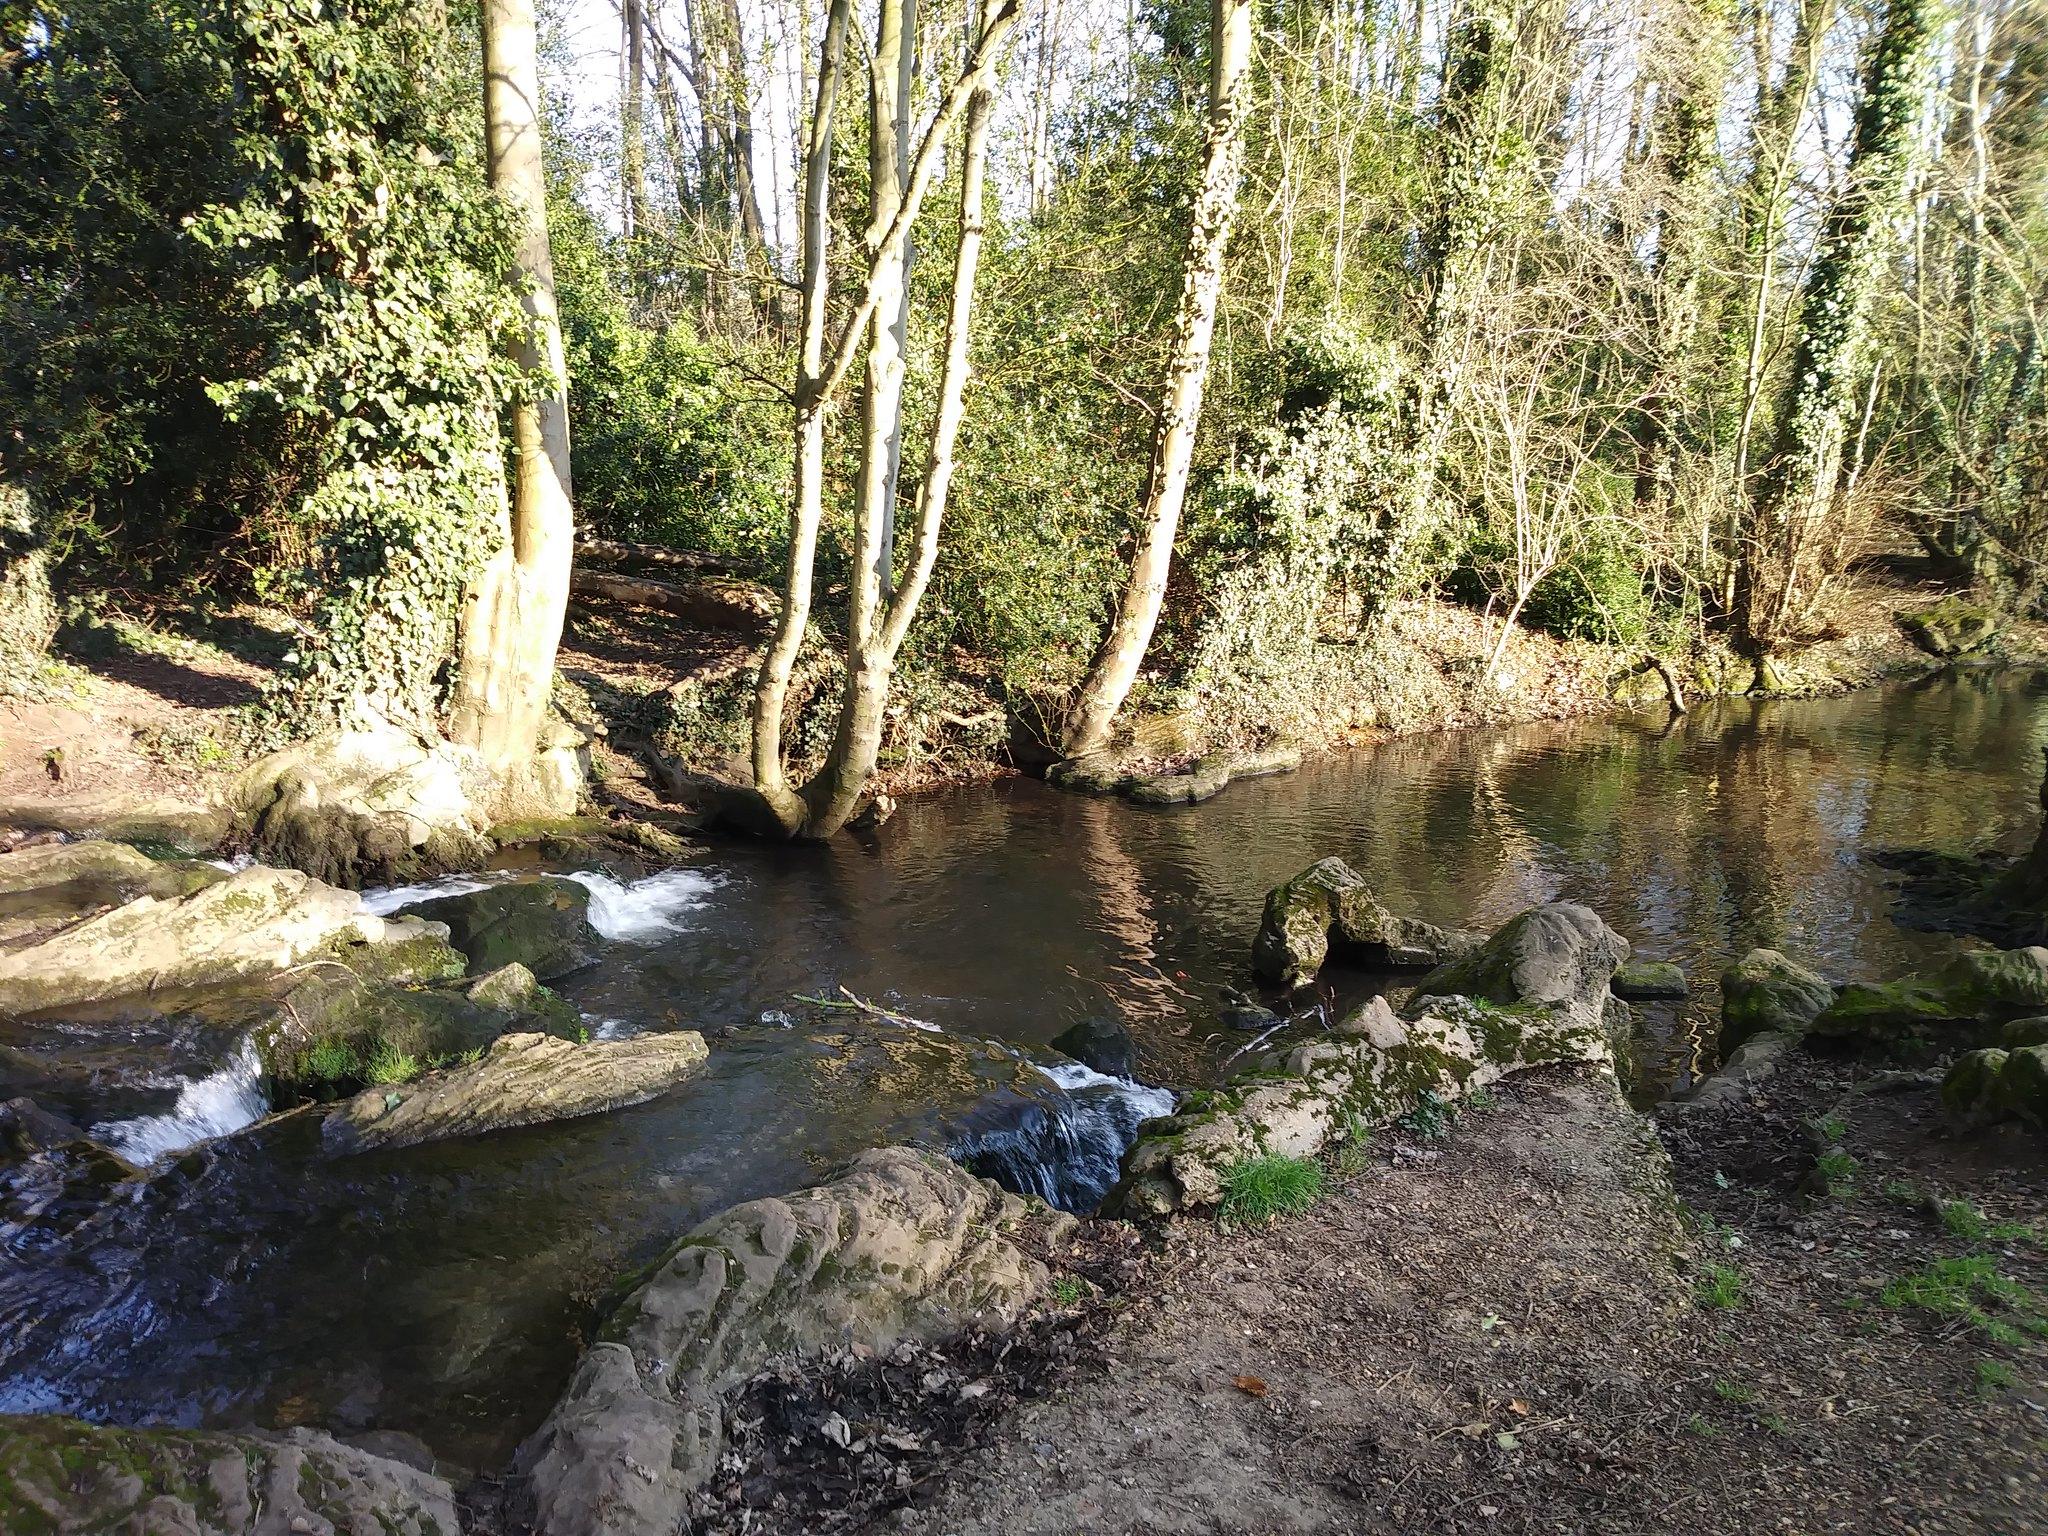 Tewin Water in Winter